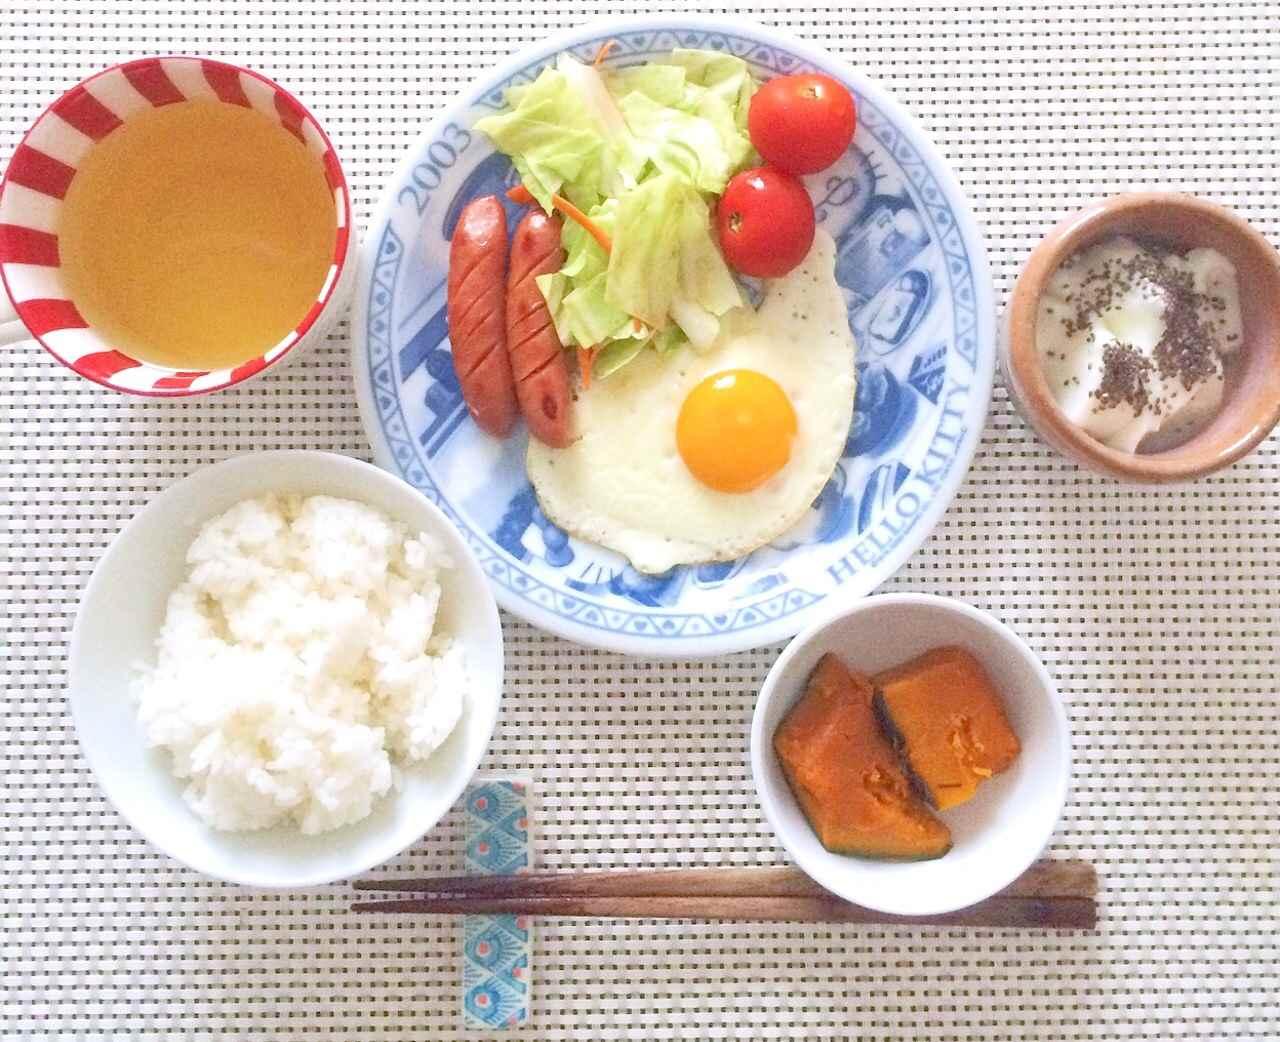 朝ごはんが楽しくなってきた【#ふみ飯】真似っこ料理で美モーニング